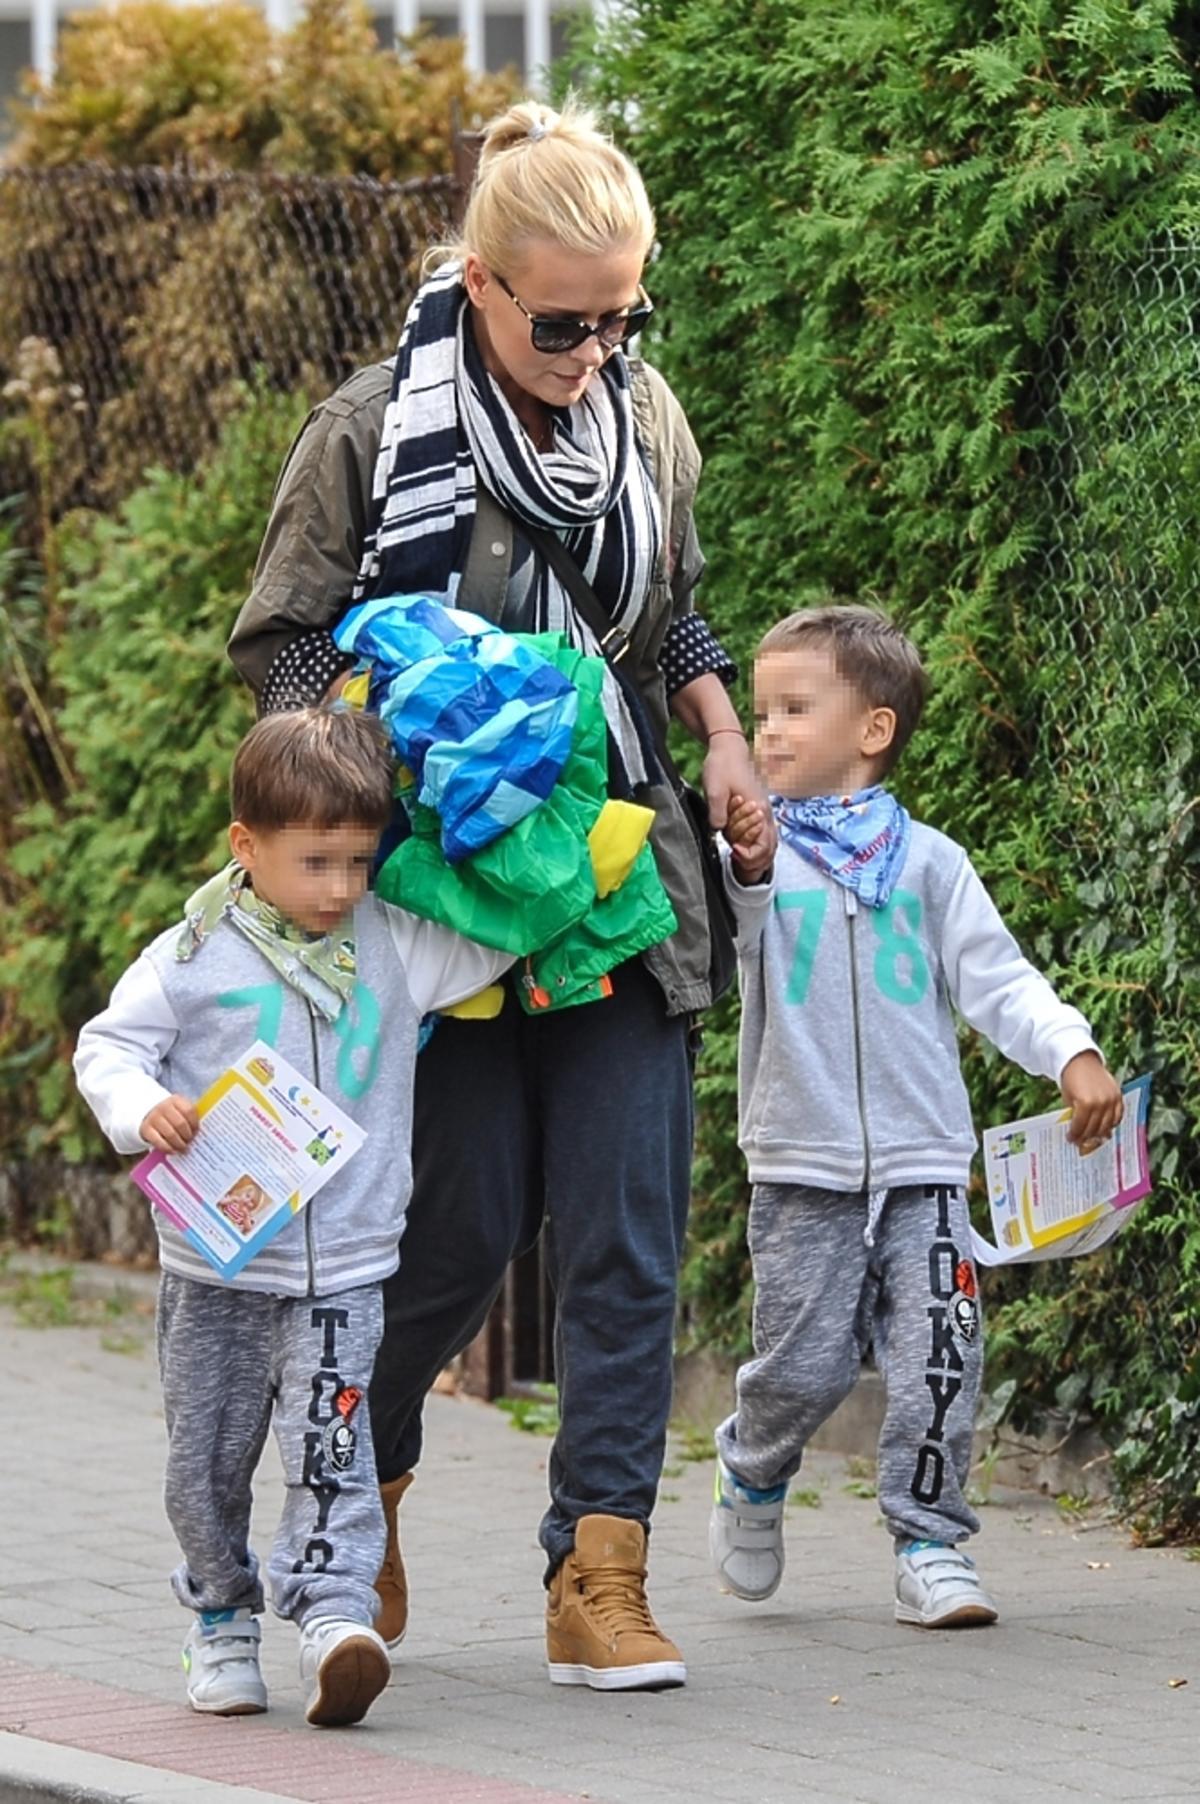 Aneta Zając w szaliku w kratkę z synami w szarych dresach na ulicy